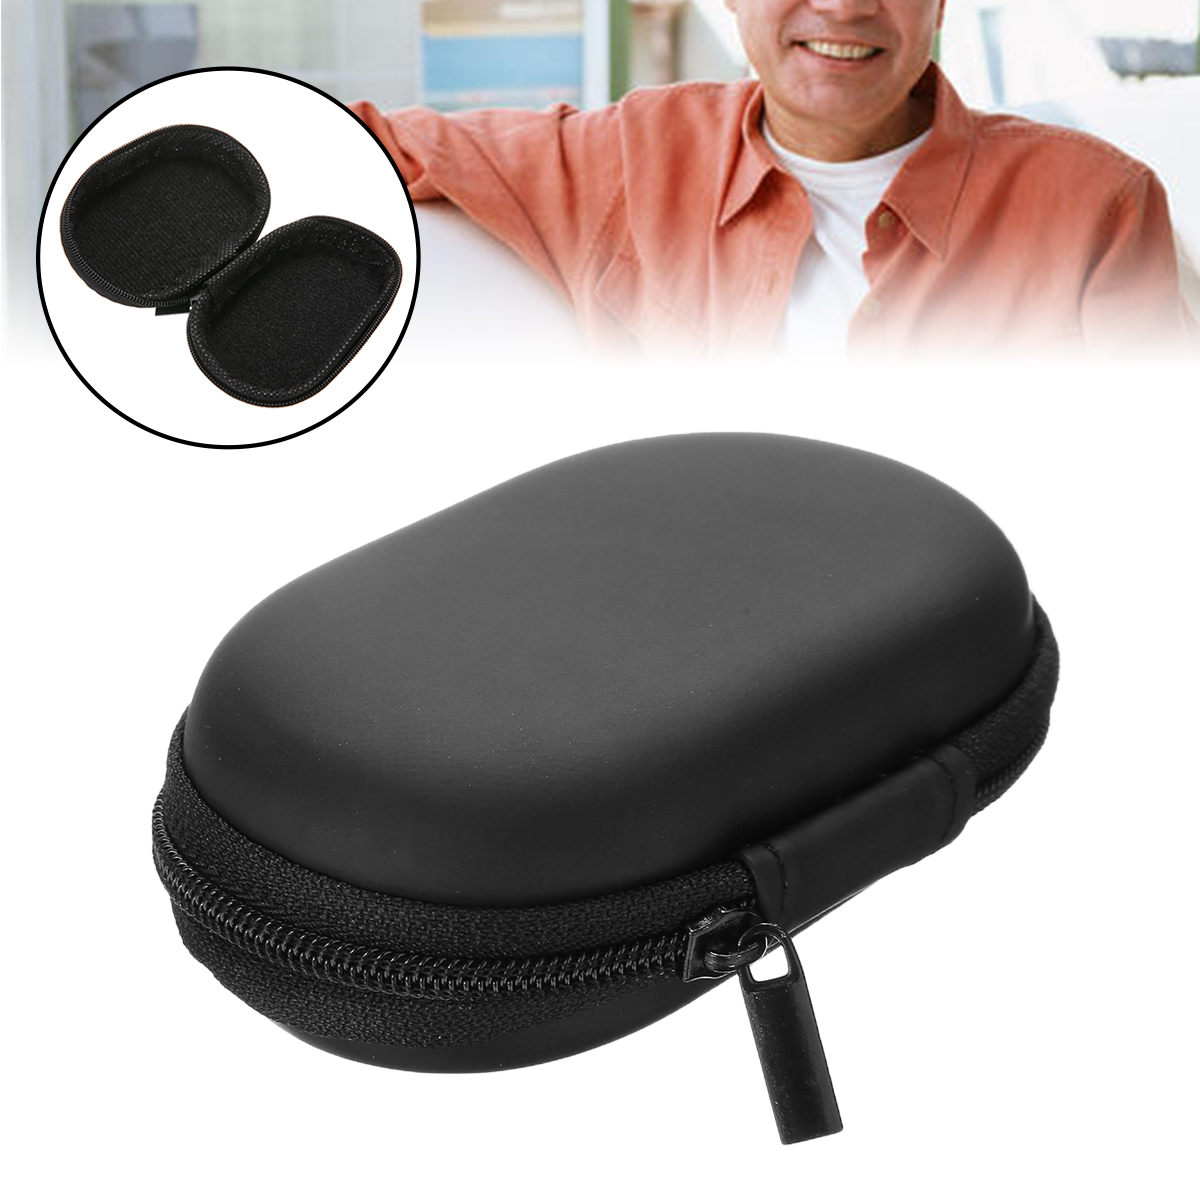 1pc New Black Portable Oximeter Bag SpO2 Finger Pulse Oximeter Pouch Bag Carrying Case Bag For Fingertip Pulse Oximeter